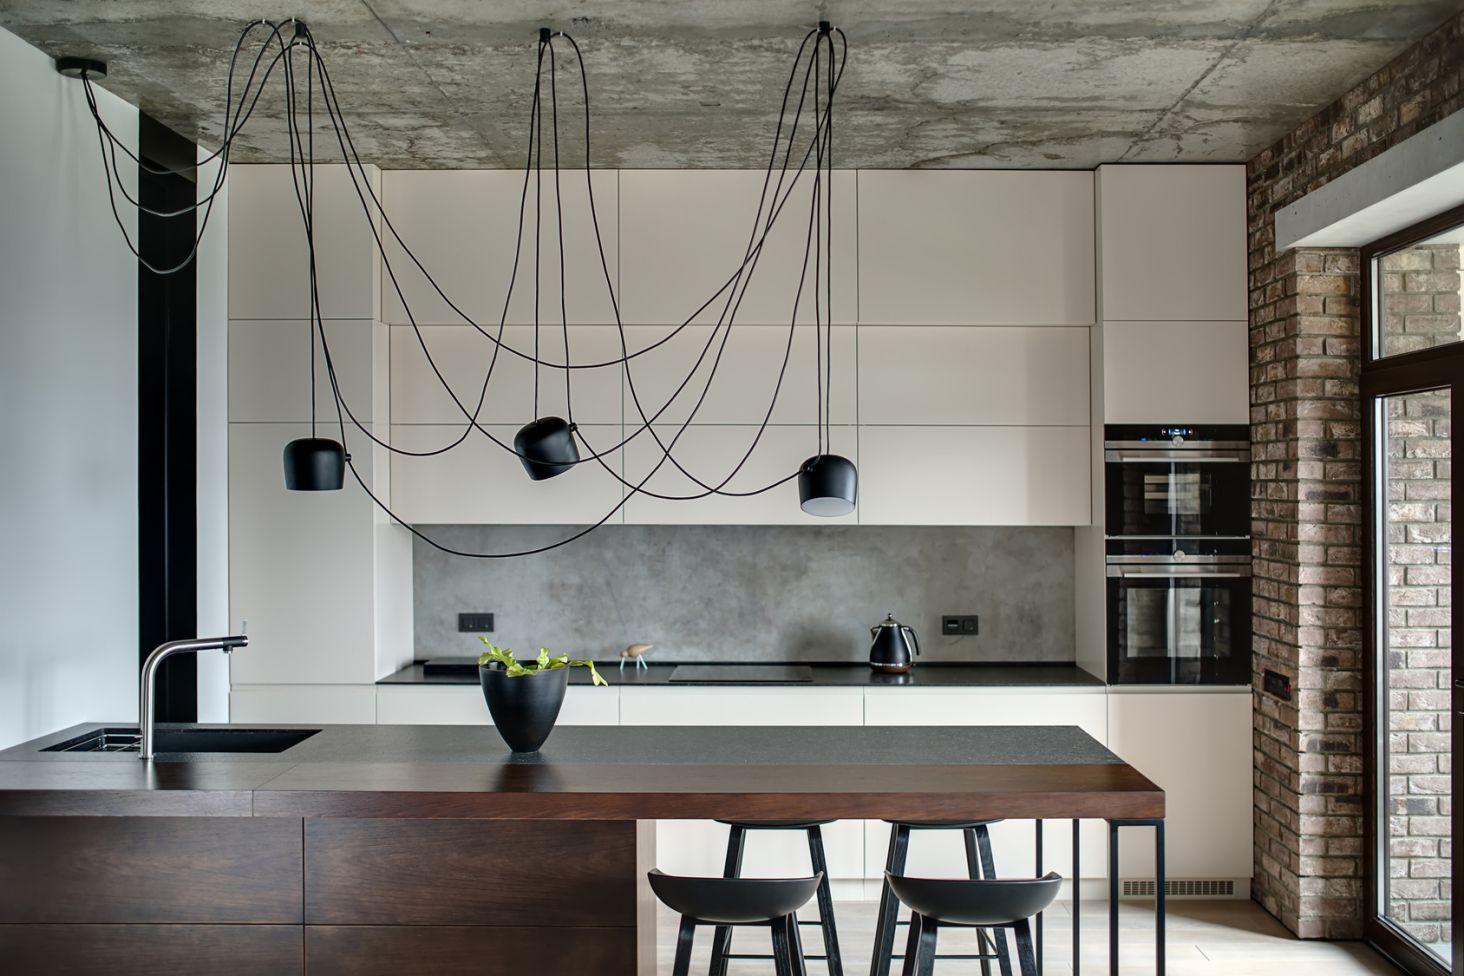 Co Zamiast Płytek Na ścianach W Kuchni 6 Ciekawych Pomysłów